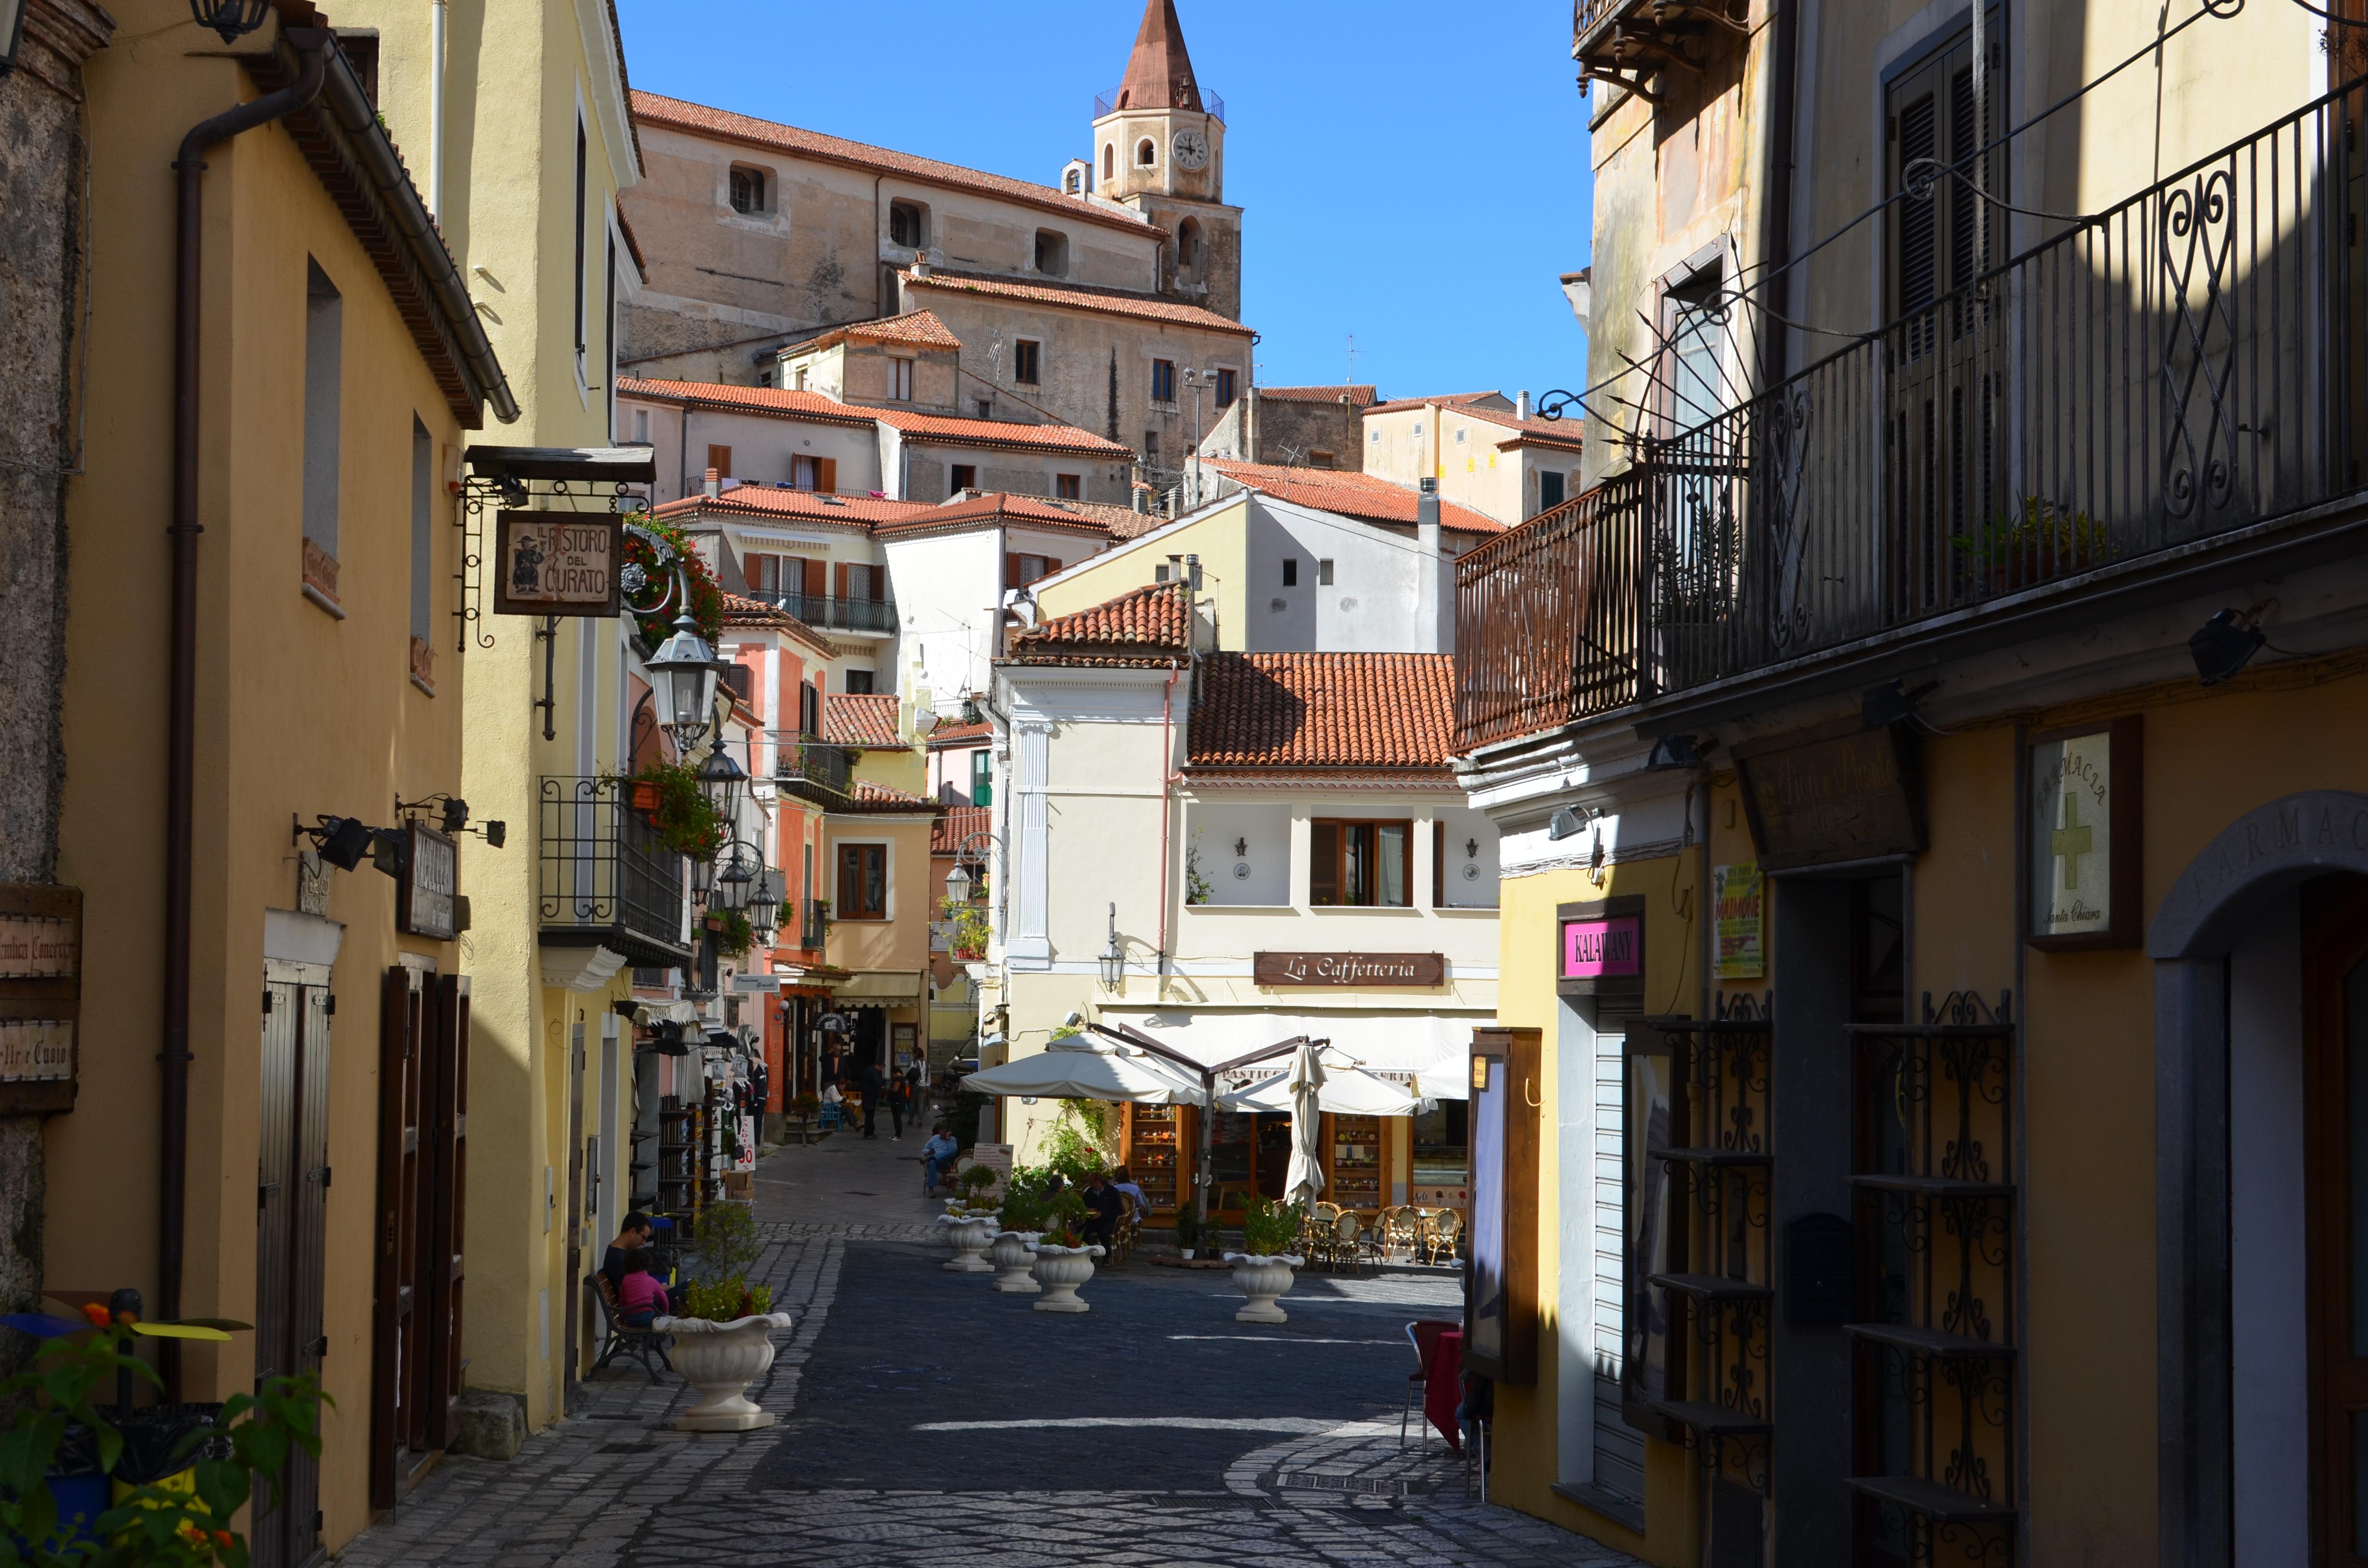 Tra le case del centro storico si distingue la figura della chiesa madre con il suo campanile romanico